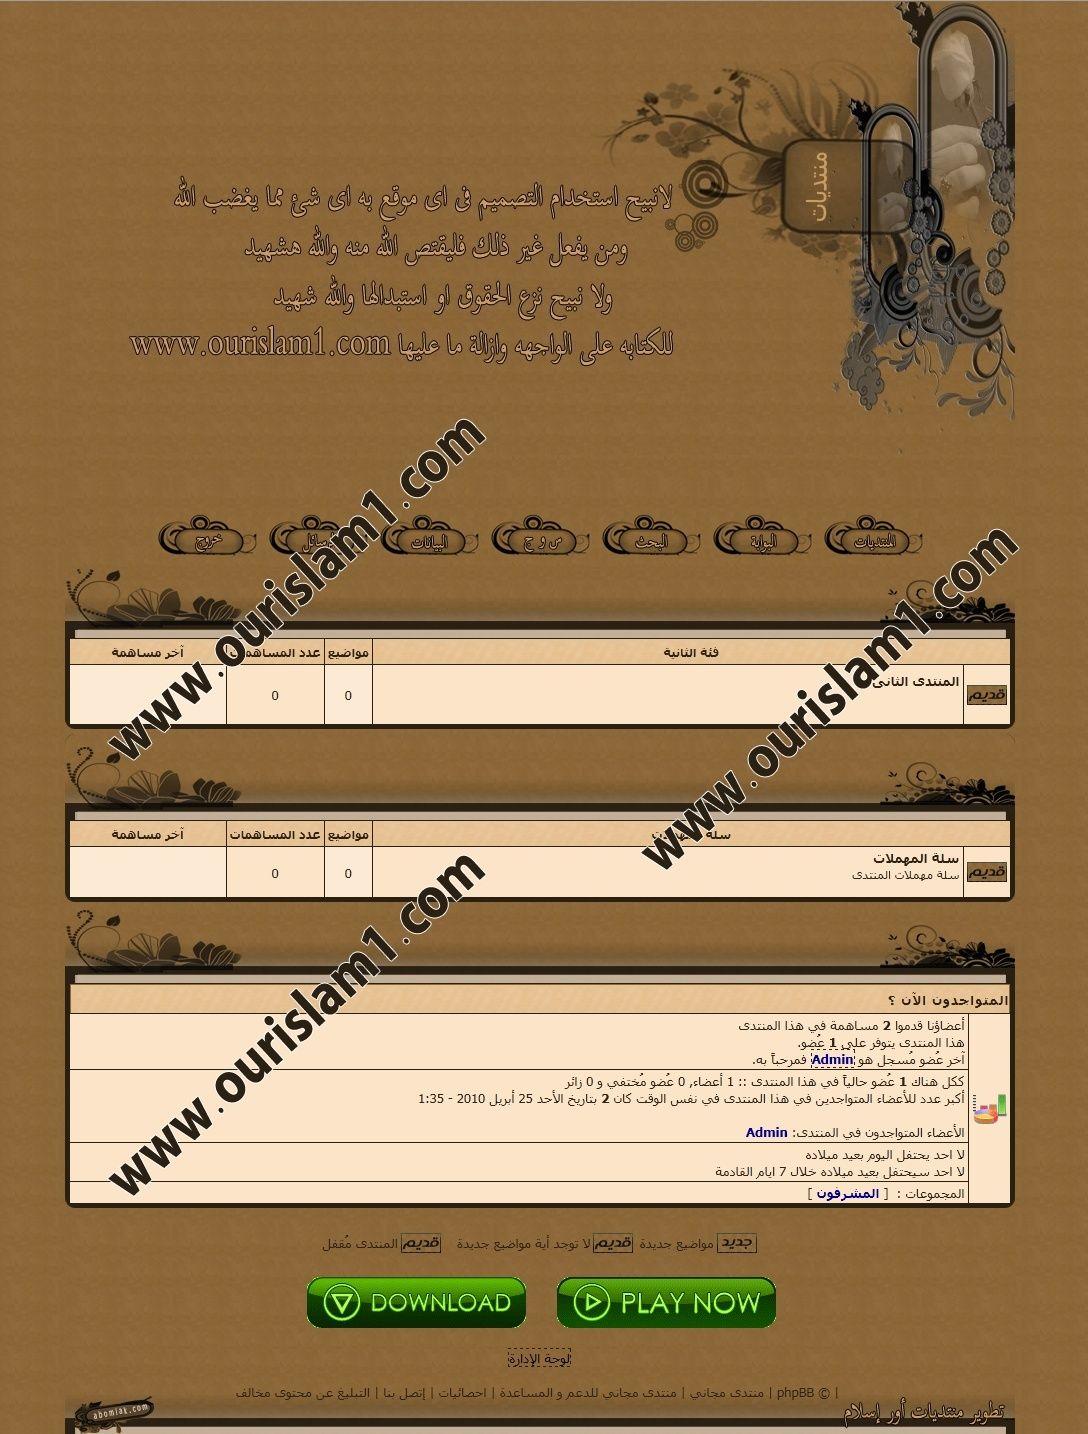 استايل راقى مقدم من منديات أور إسلام بشرط للاستخدام والله شهيد - صفحة 3 Untitl10